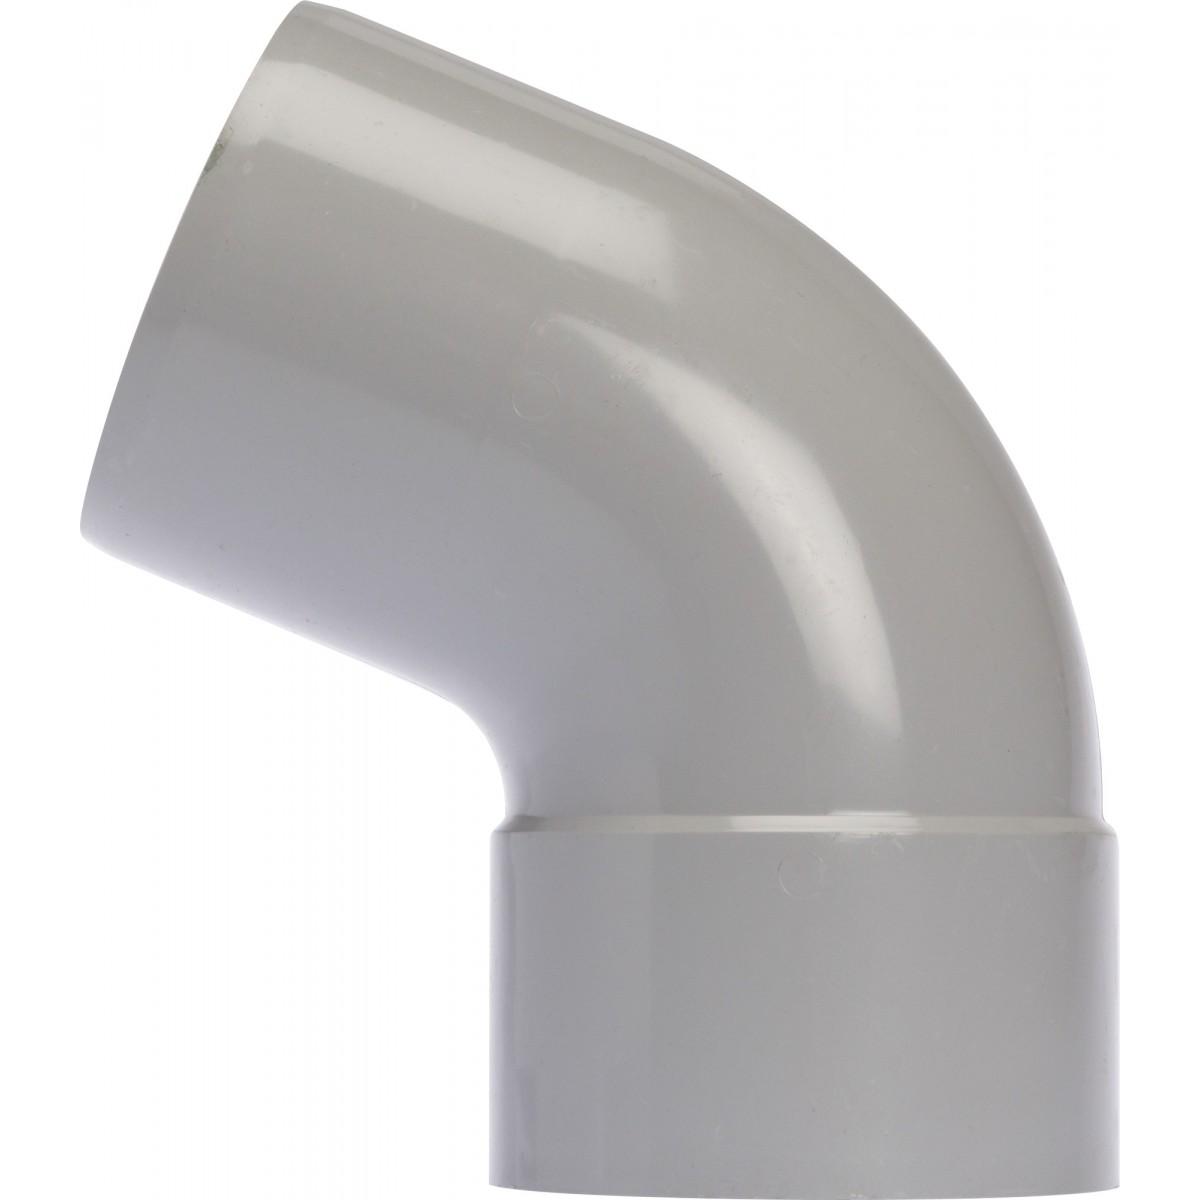 Coude diamètre 80 Mâle / Femelle Girpi - 67°30 - Gris